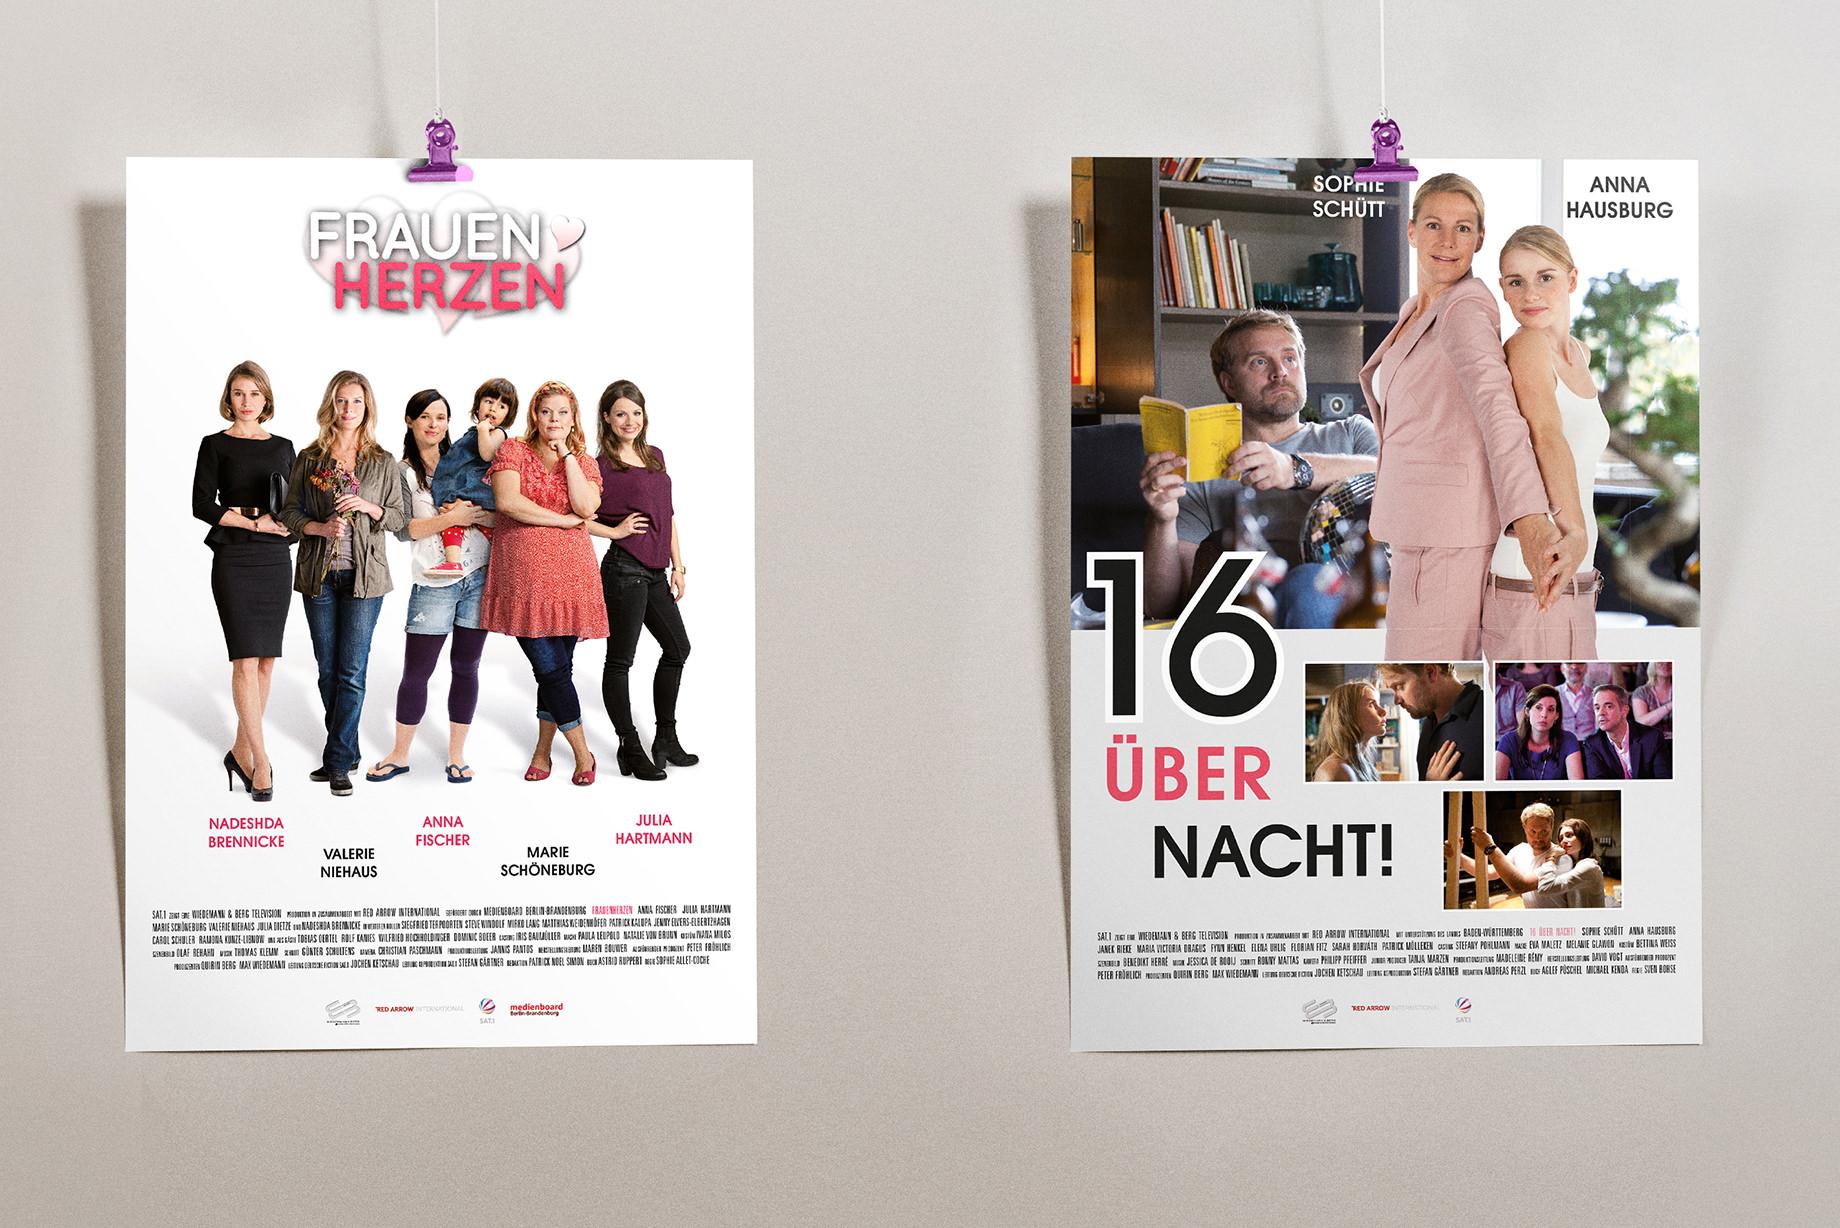 Frauenherzen, 16 über Nacht Plakate Wiedemann & Berg